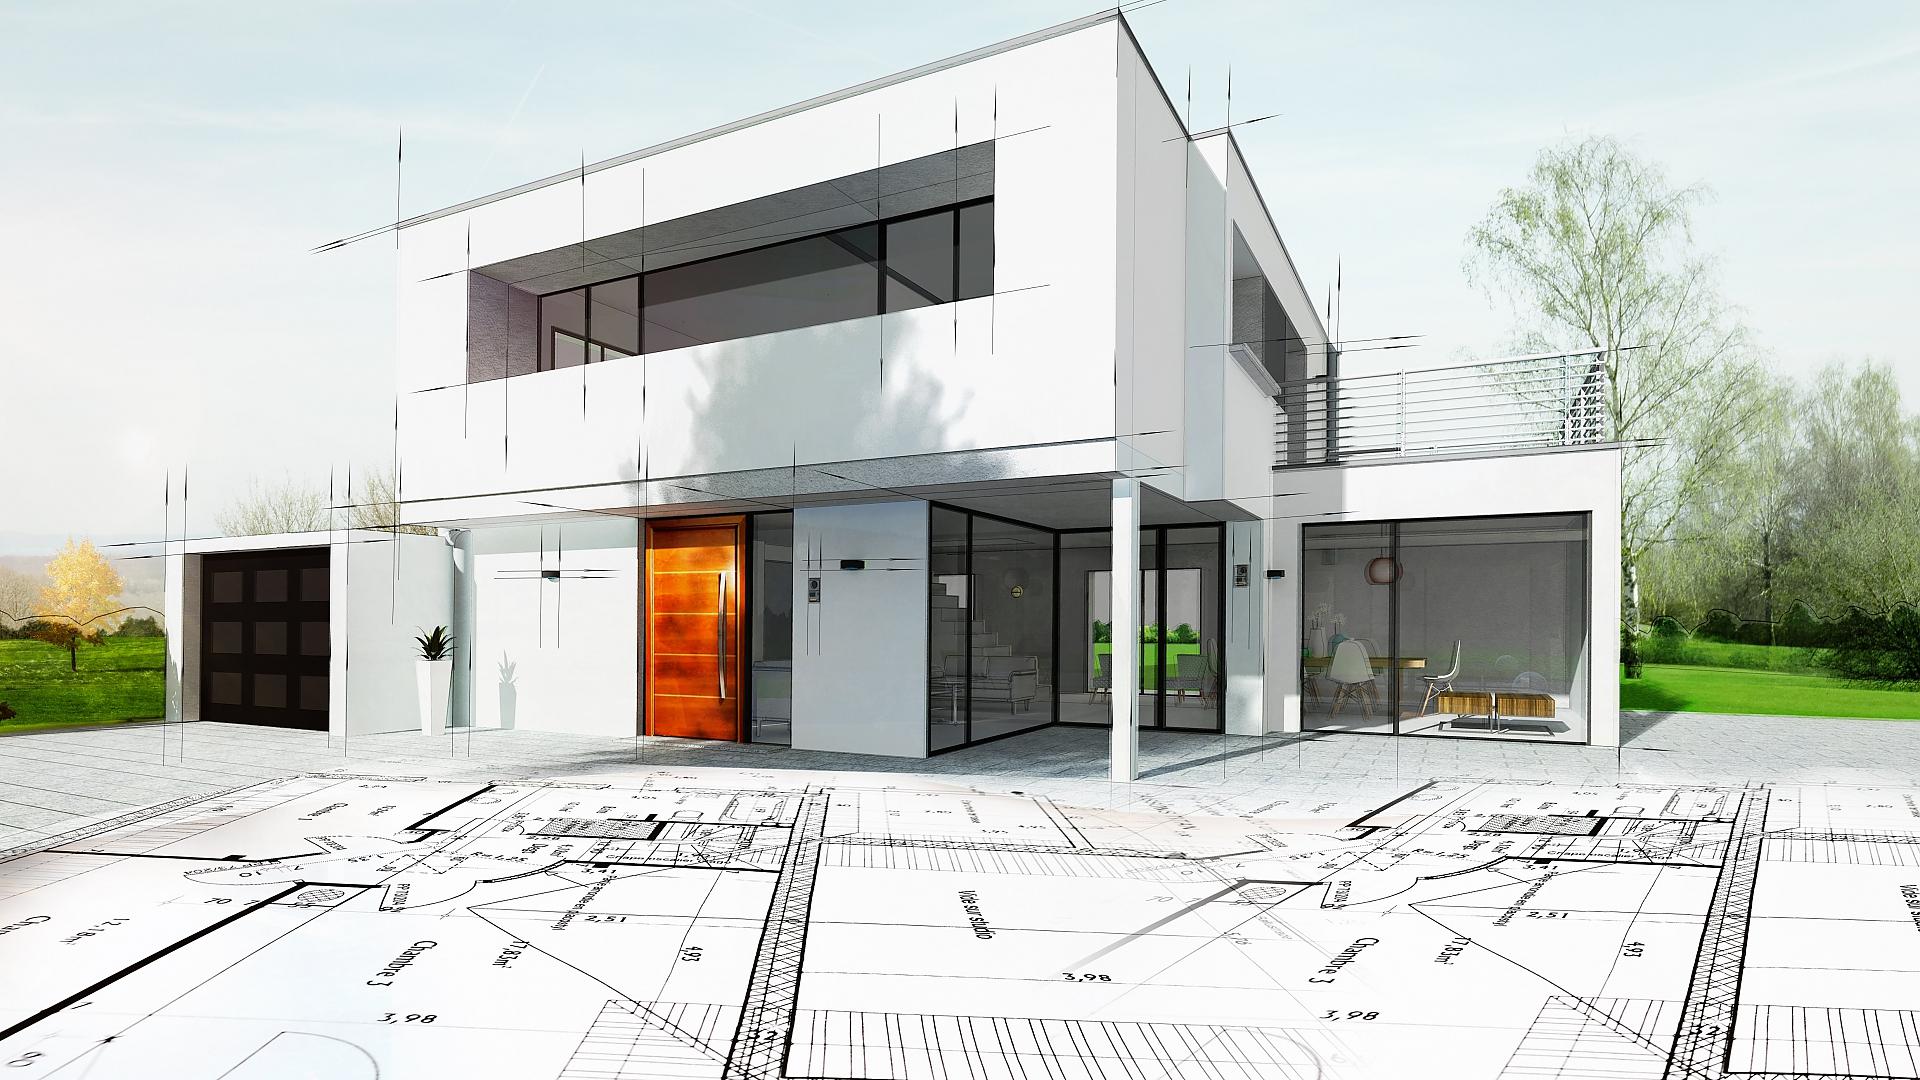 Rodinný dům s plochou střechou: mít či nemít obr.64